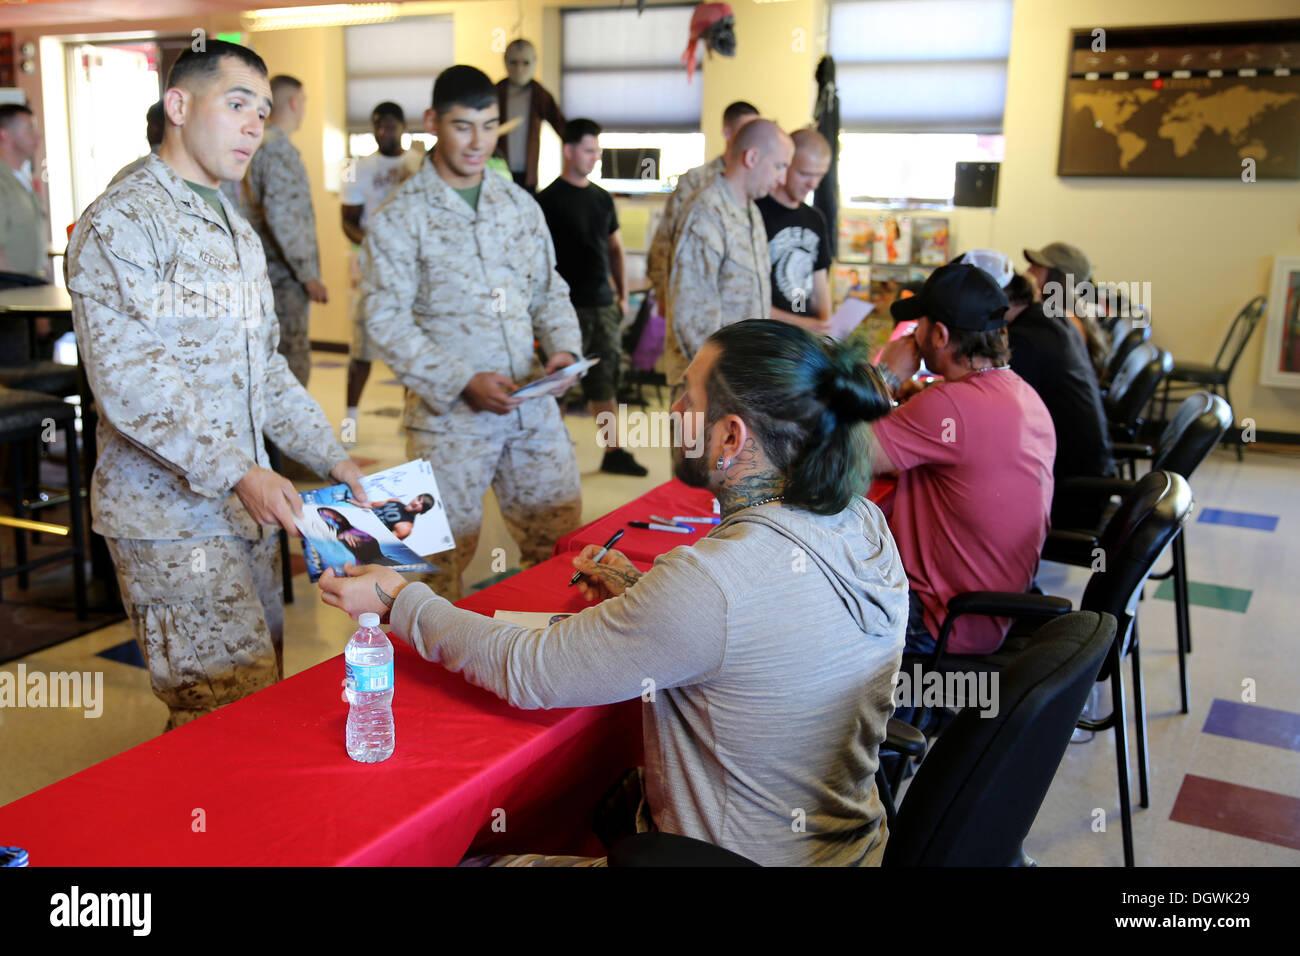 Marines ricevere autografi da urto wrestling stelle, Jeff Hardy, A.J. Stili, Brooke e tiratore, presso la Grande fuga a bordo Immagini Stock